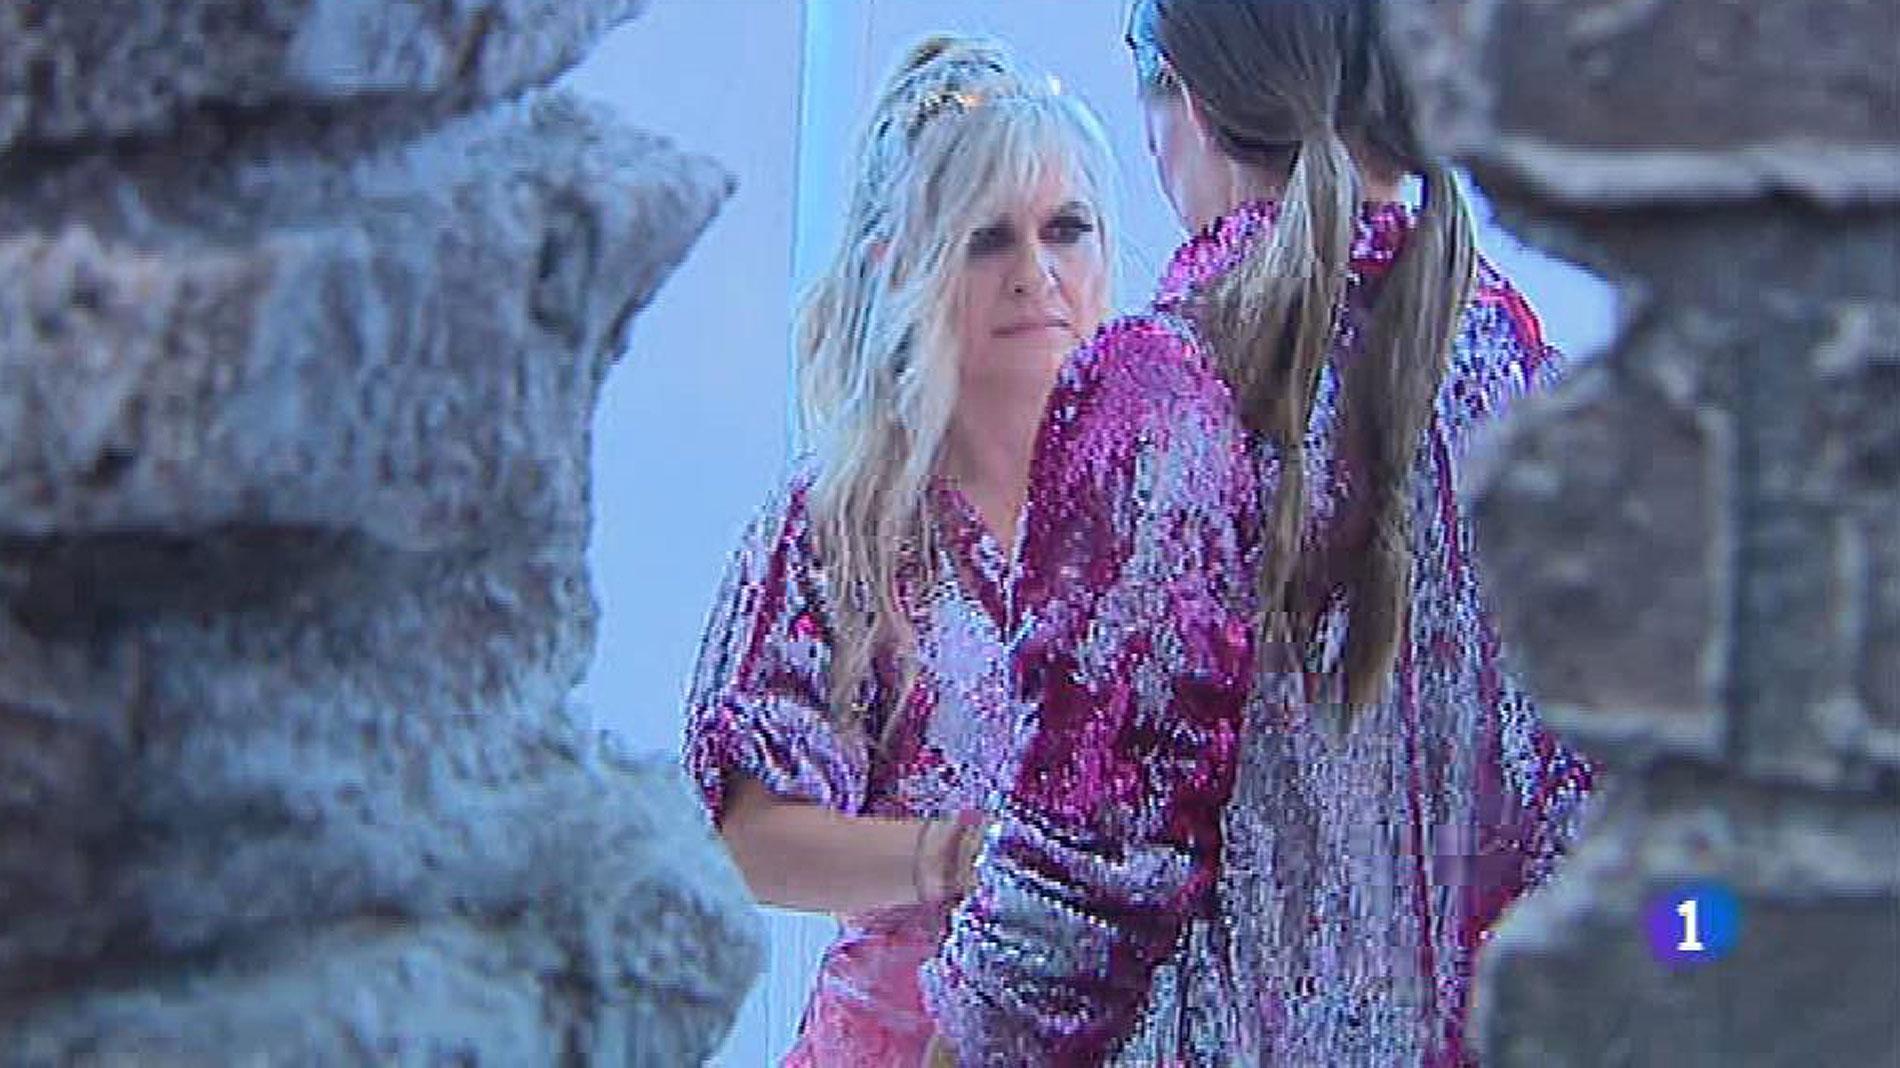 La moda de María Lafuente rompe prejuicios